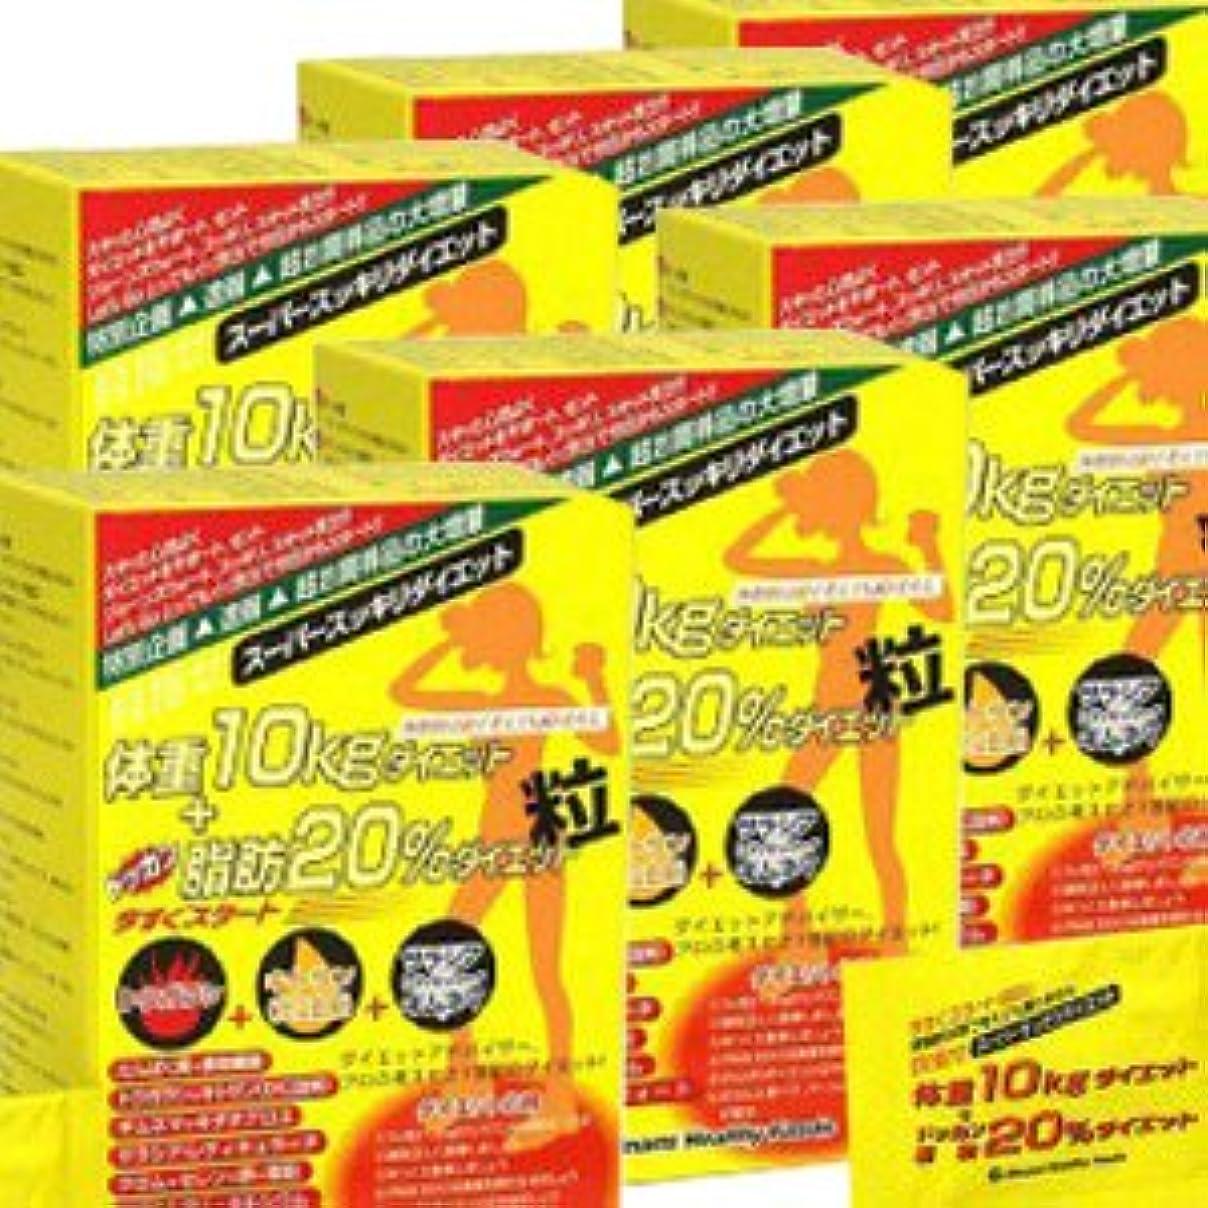 曲荒らす憧れ【6箱】目指せ体重10kgダイエット+ドッカン脂肪20%ダイエット粒 (6粒x75袋)x6箱 (4945904010341)